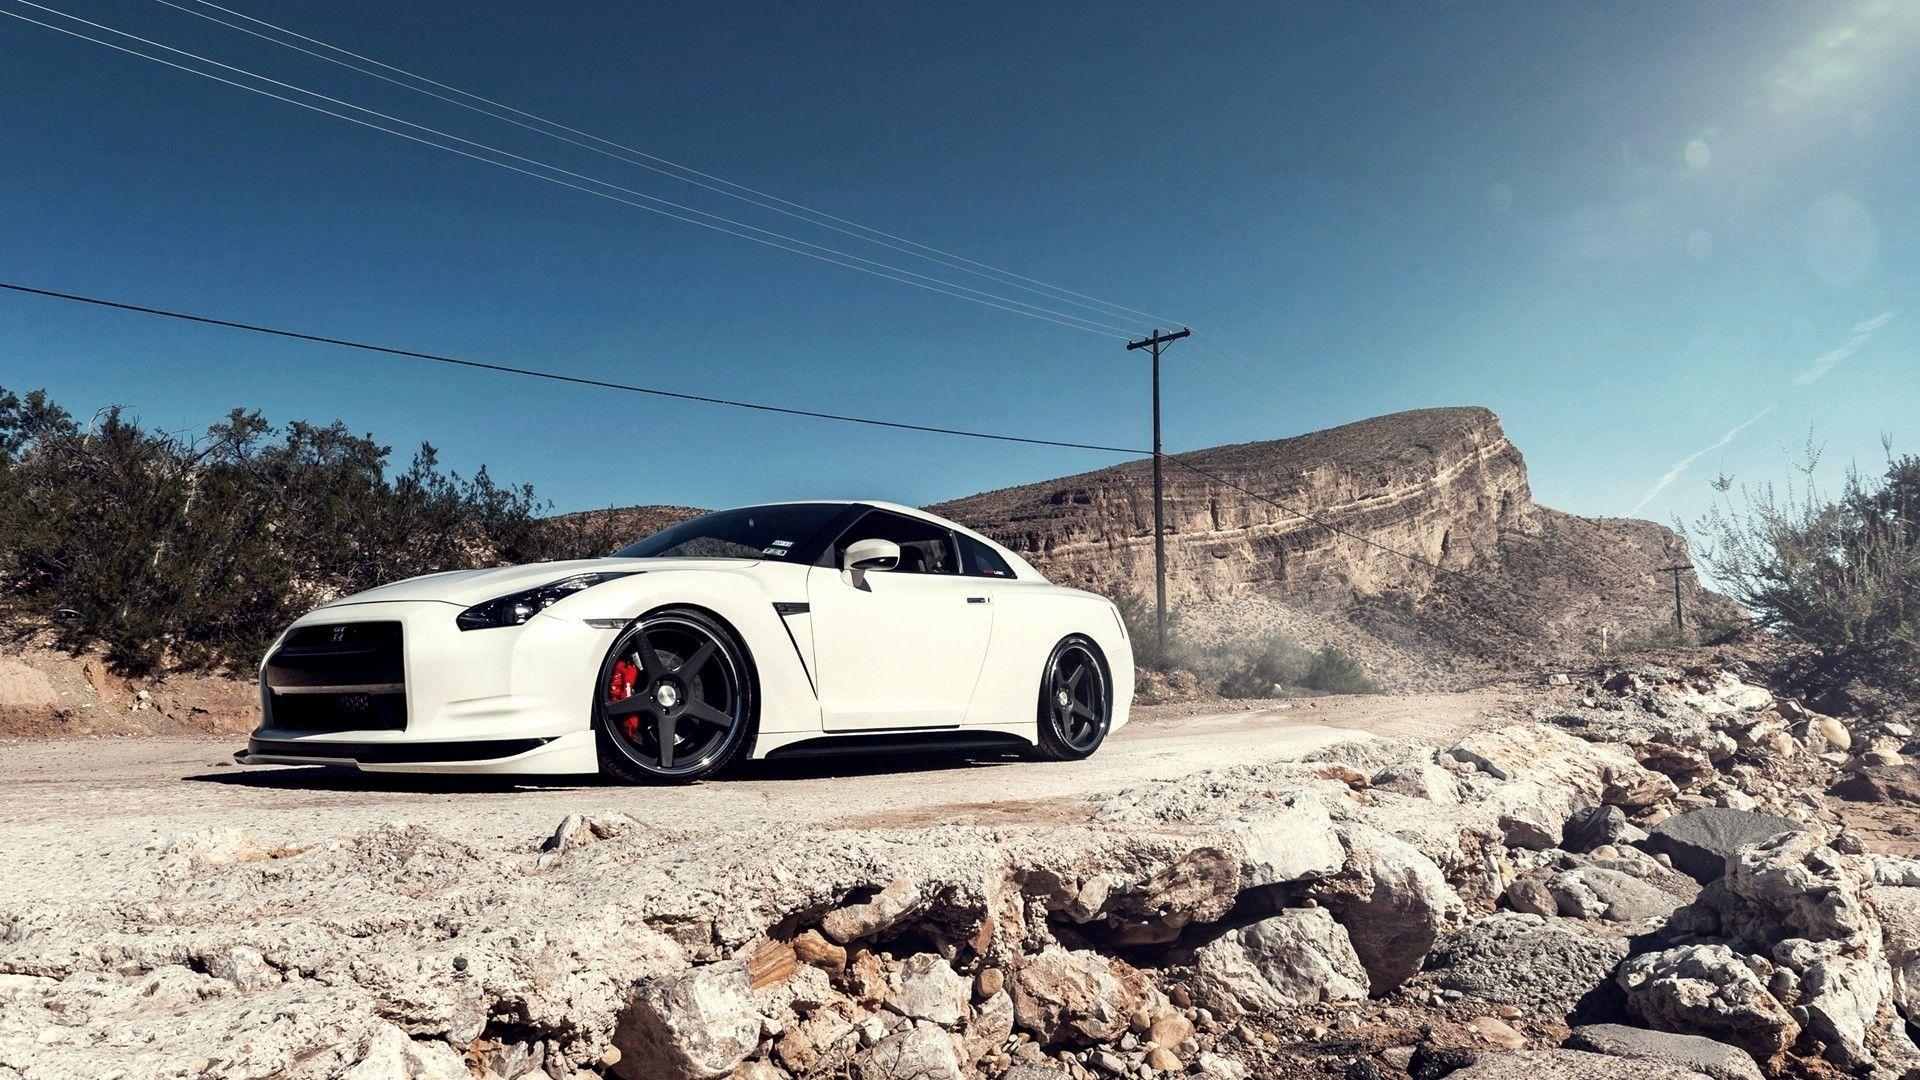 Nissan GT-R Drift Wallpapers - Top Free Nissan GT-R Drift ...